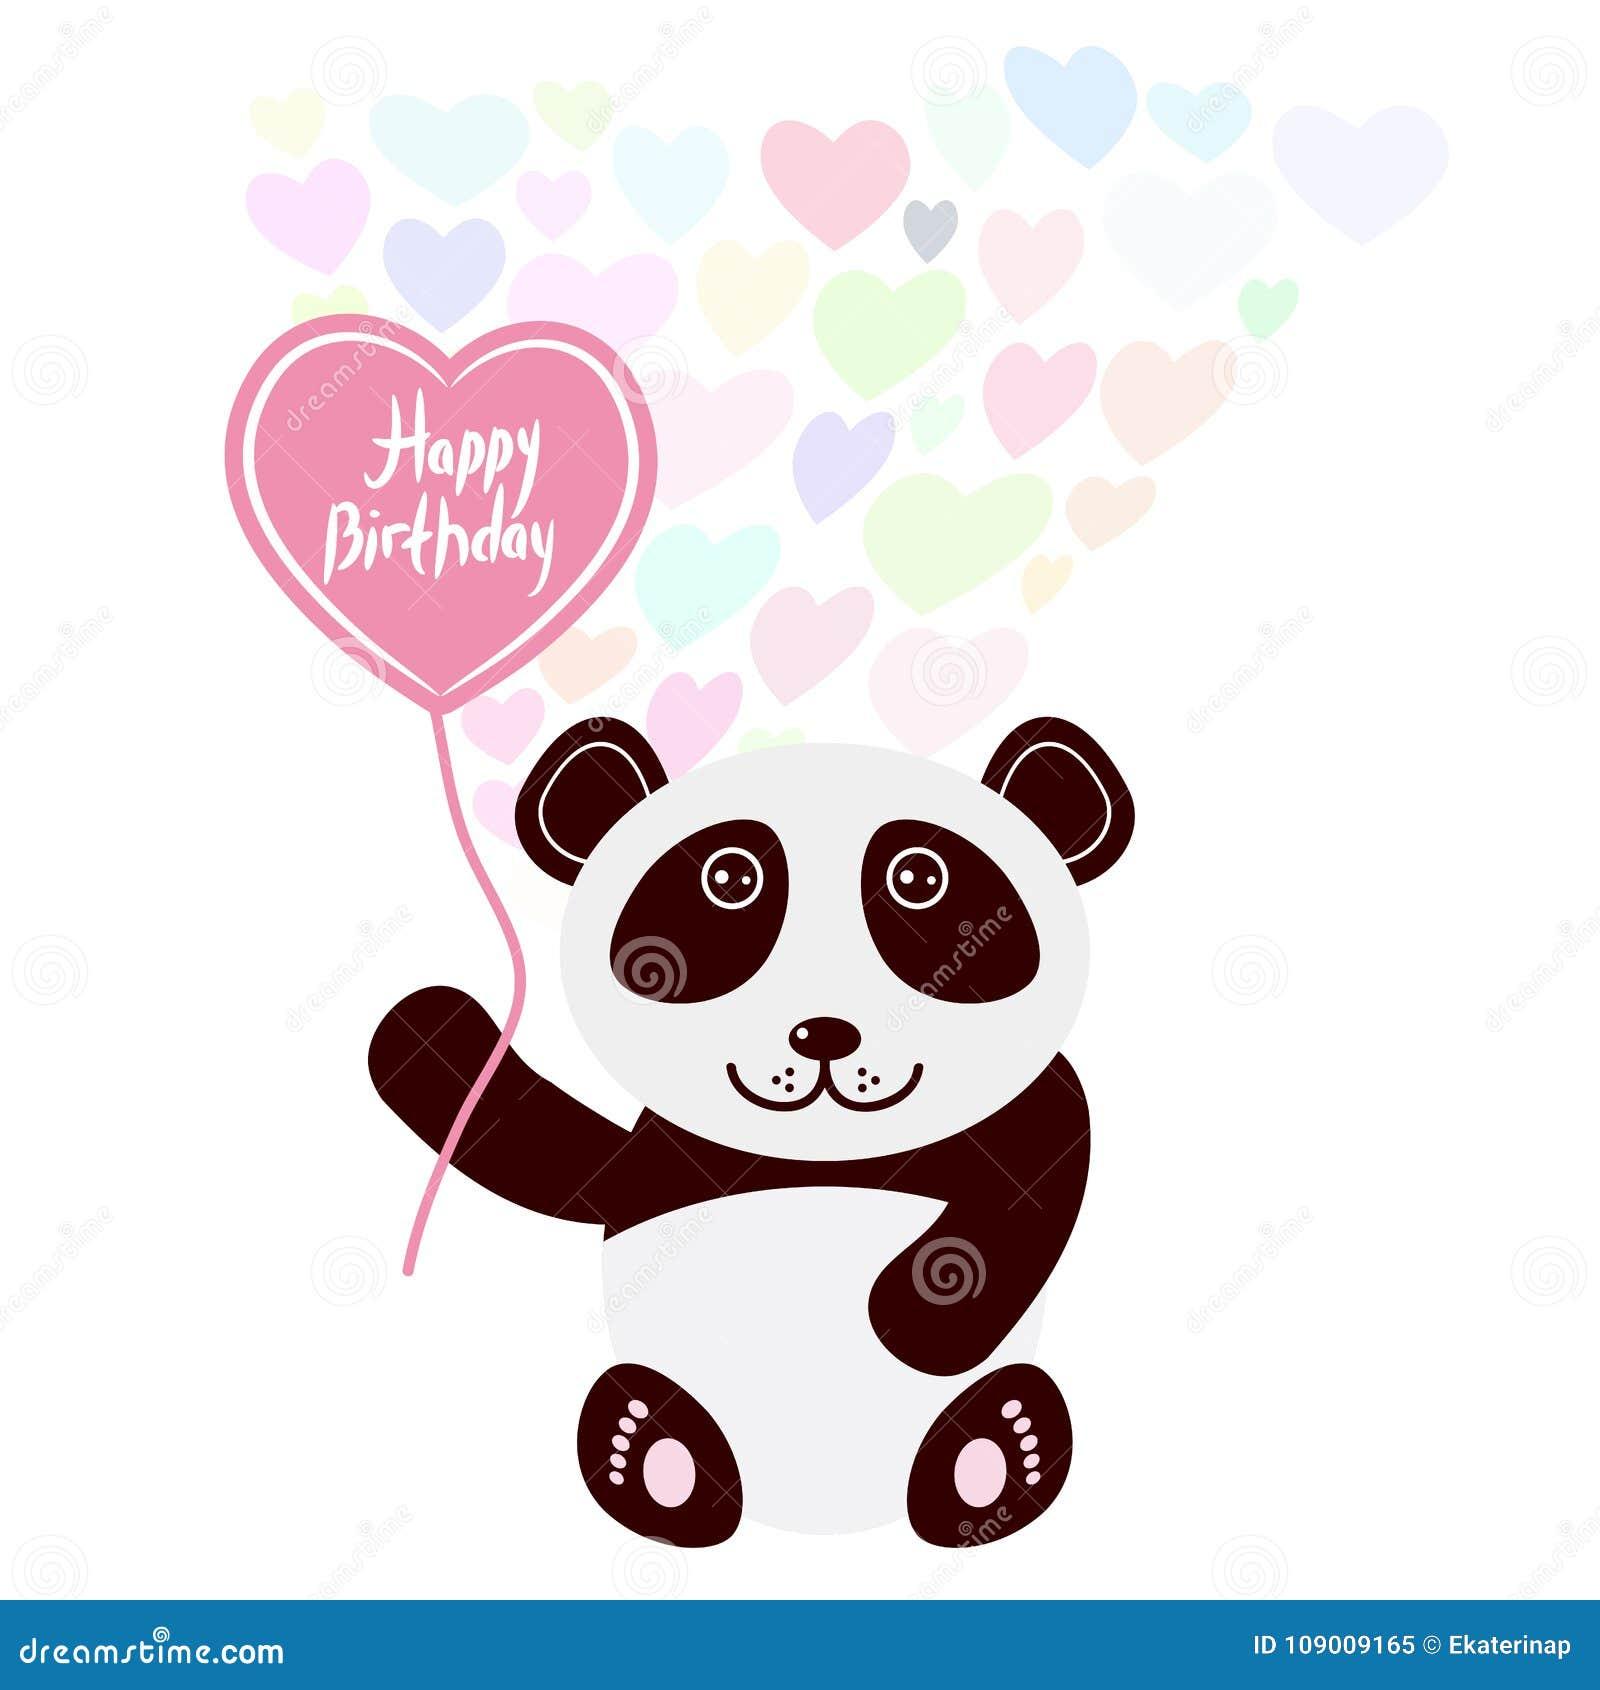 Panda Linda Del Kawaii Del Diseno De Tarjeta Del Feliz Cumpleanos